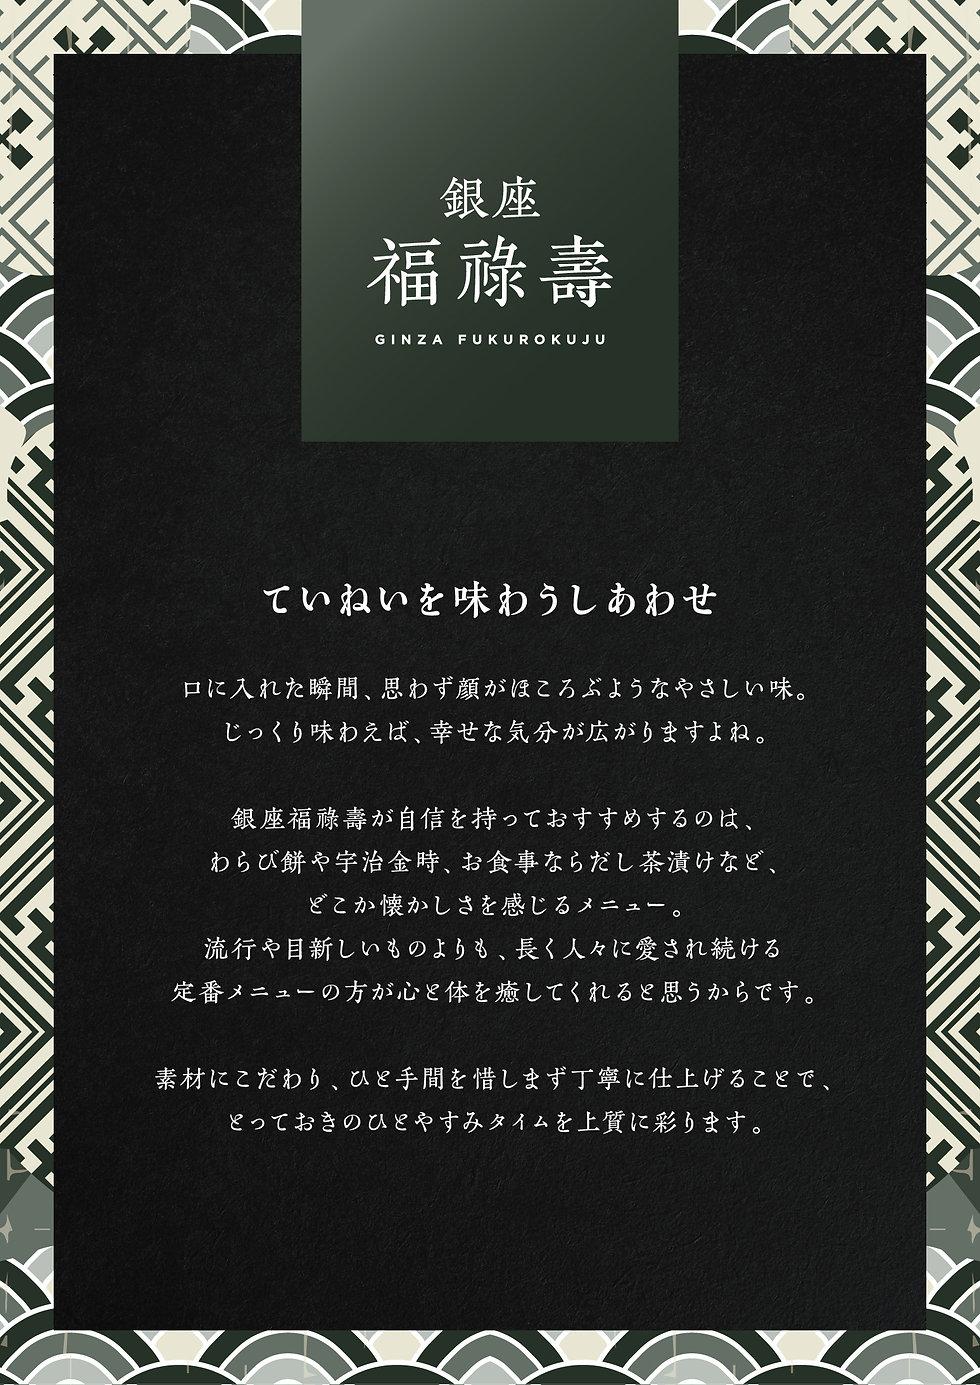 menu_001_210908.jpg